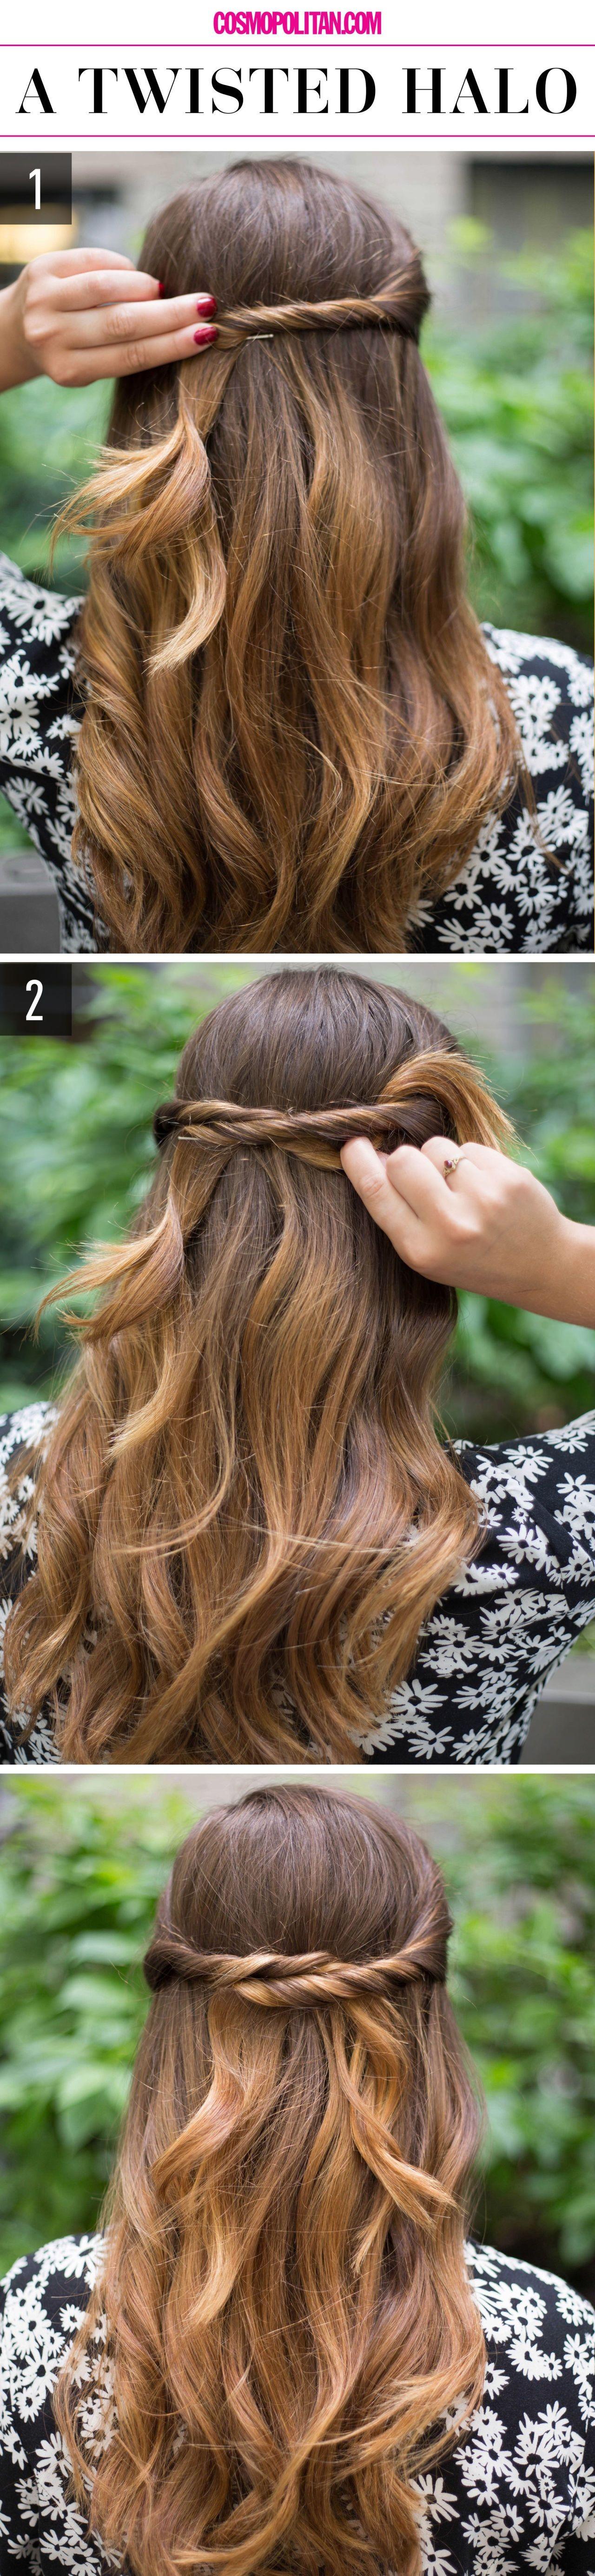 Les meilleures coiffures ultra rapides très utiles quand vous